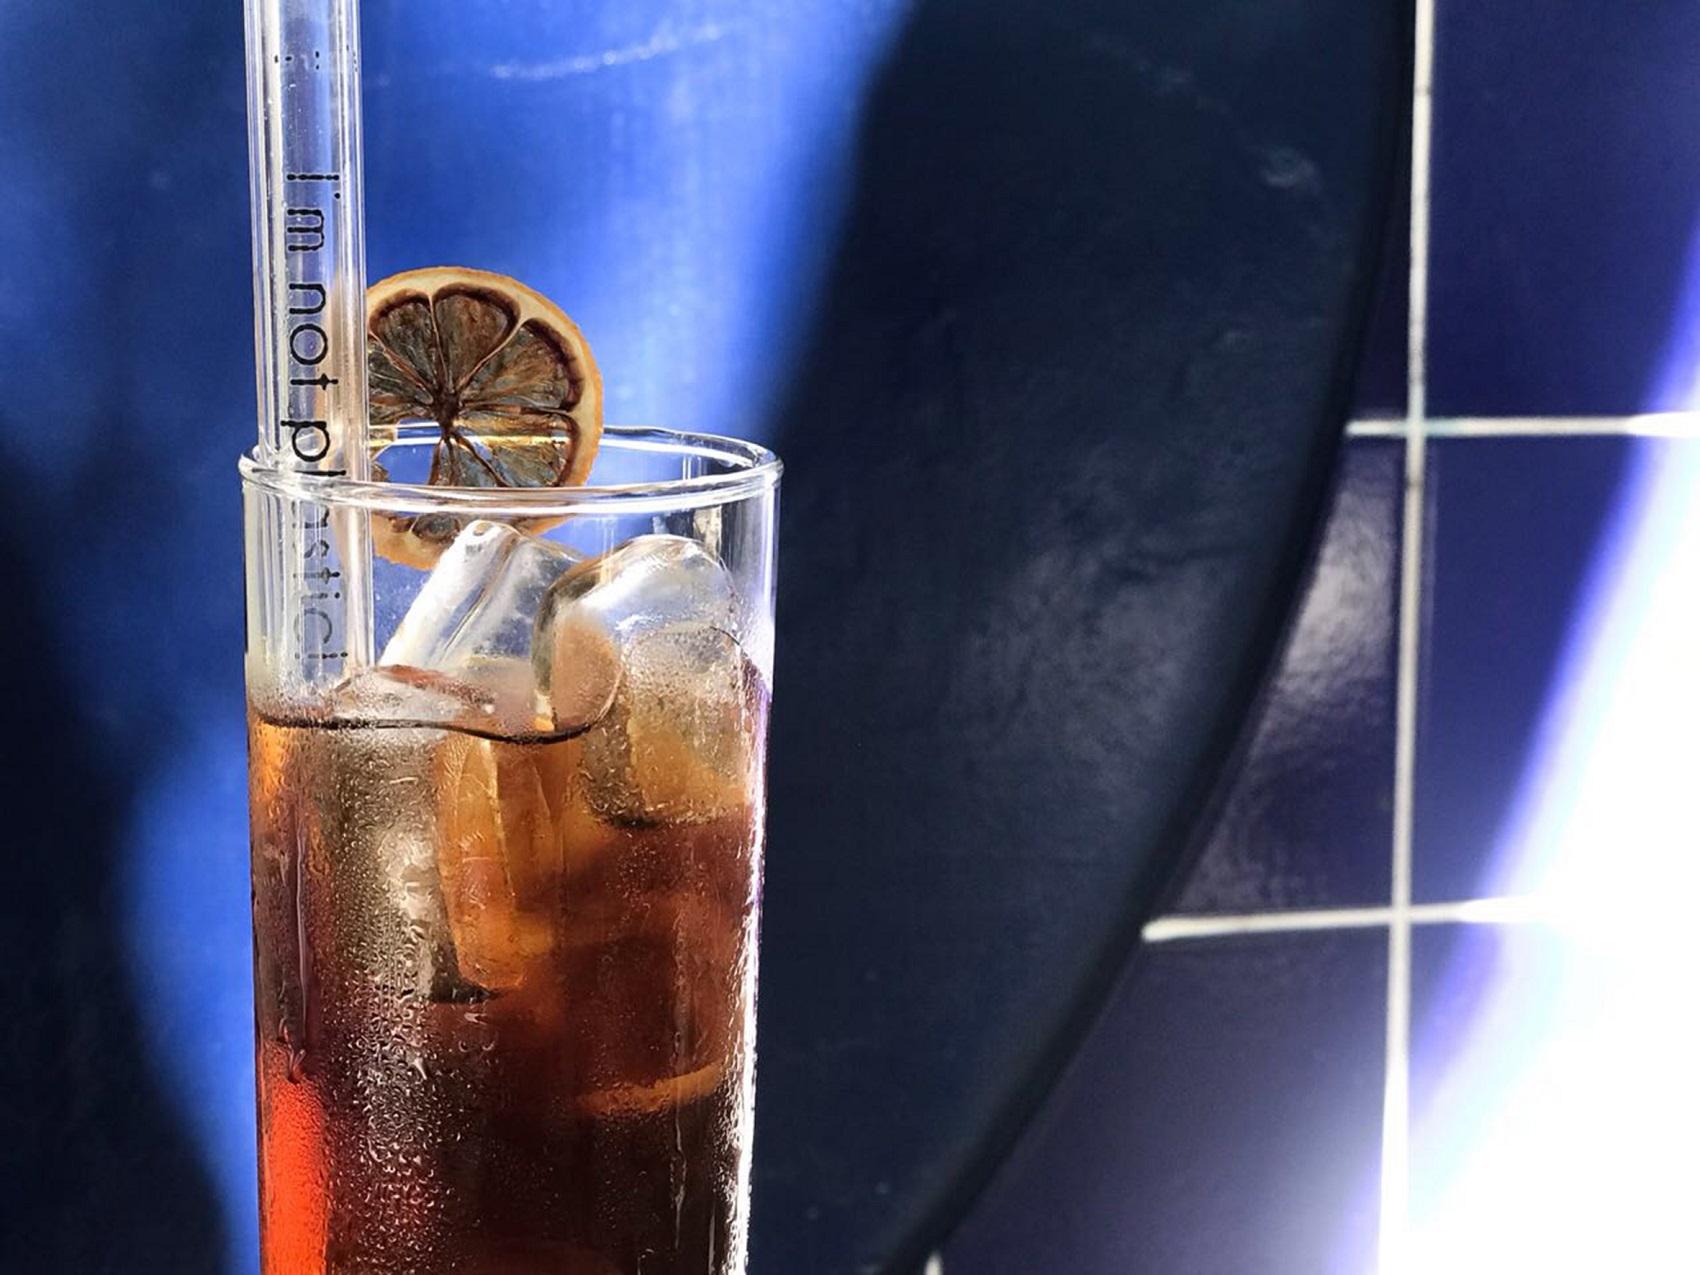 Com o uso de canudos como o de vidro, o Zazá bistrô deixou de consumir 12 mil canudos plásticos em dois anos (Foto: Divulgação)